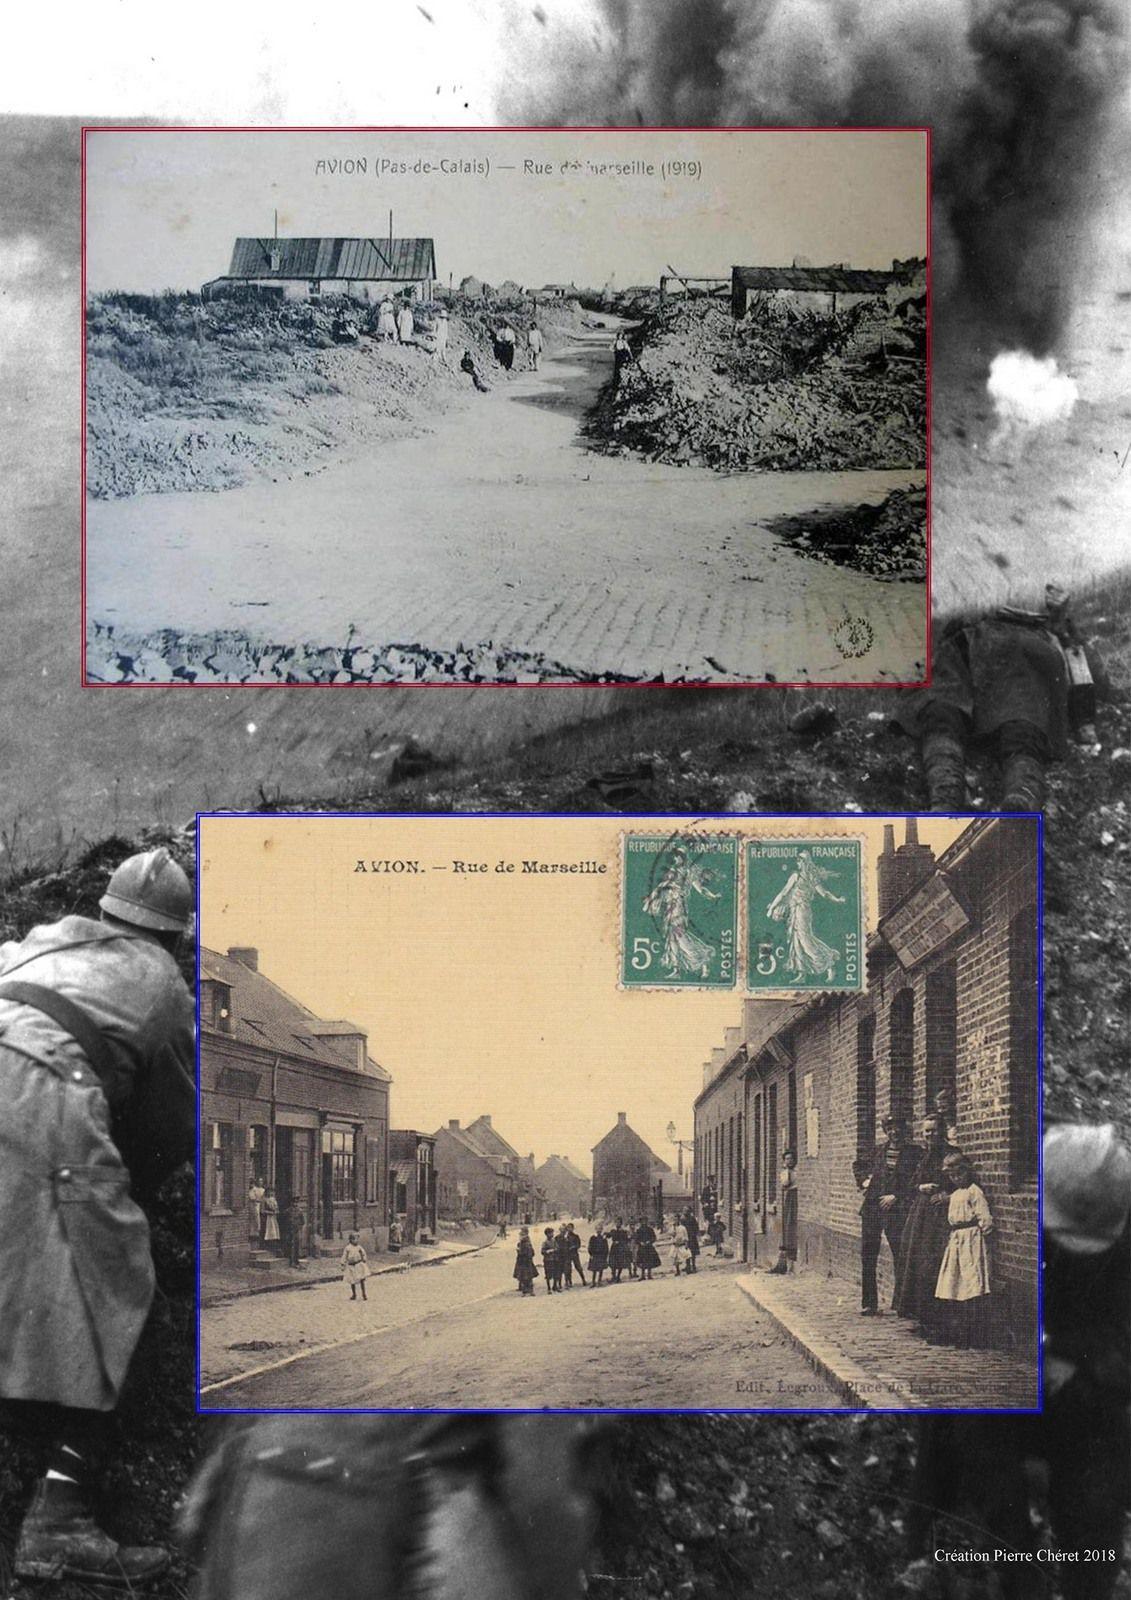 Avion dans la tourmente de la guerre 1914-1918 : une exposition de Pierre Chéret